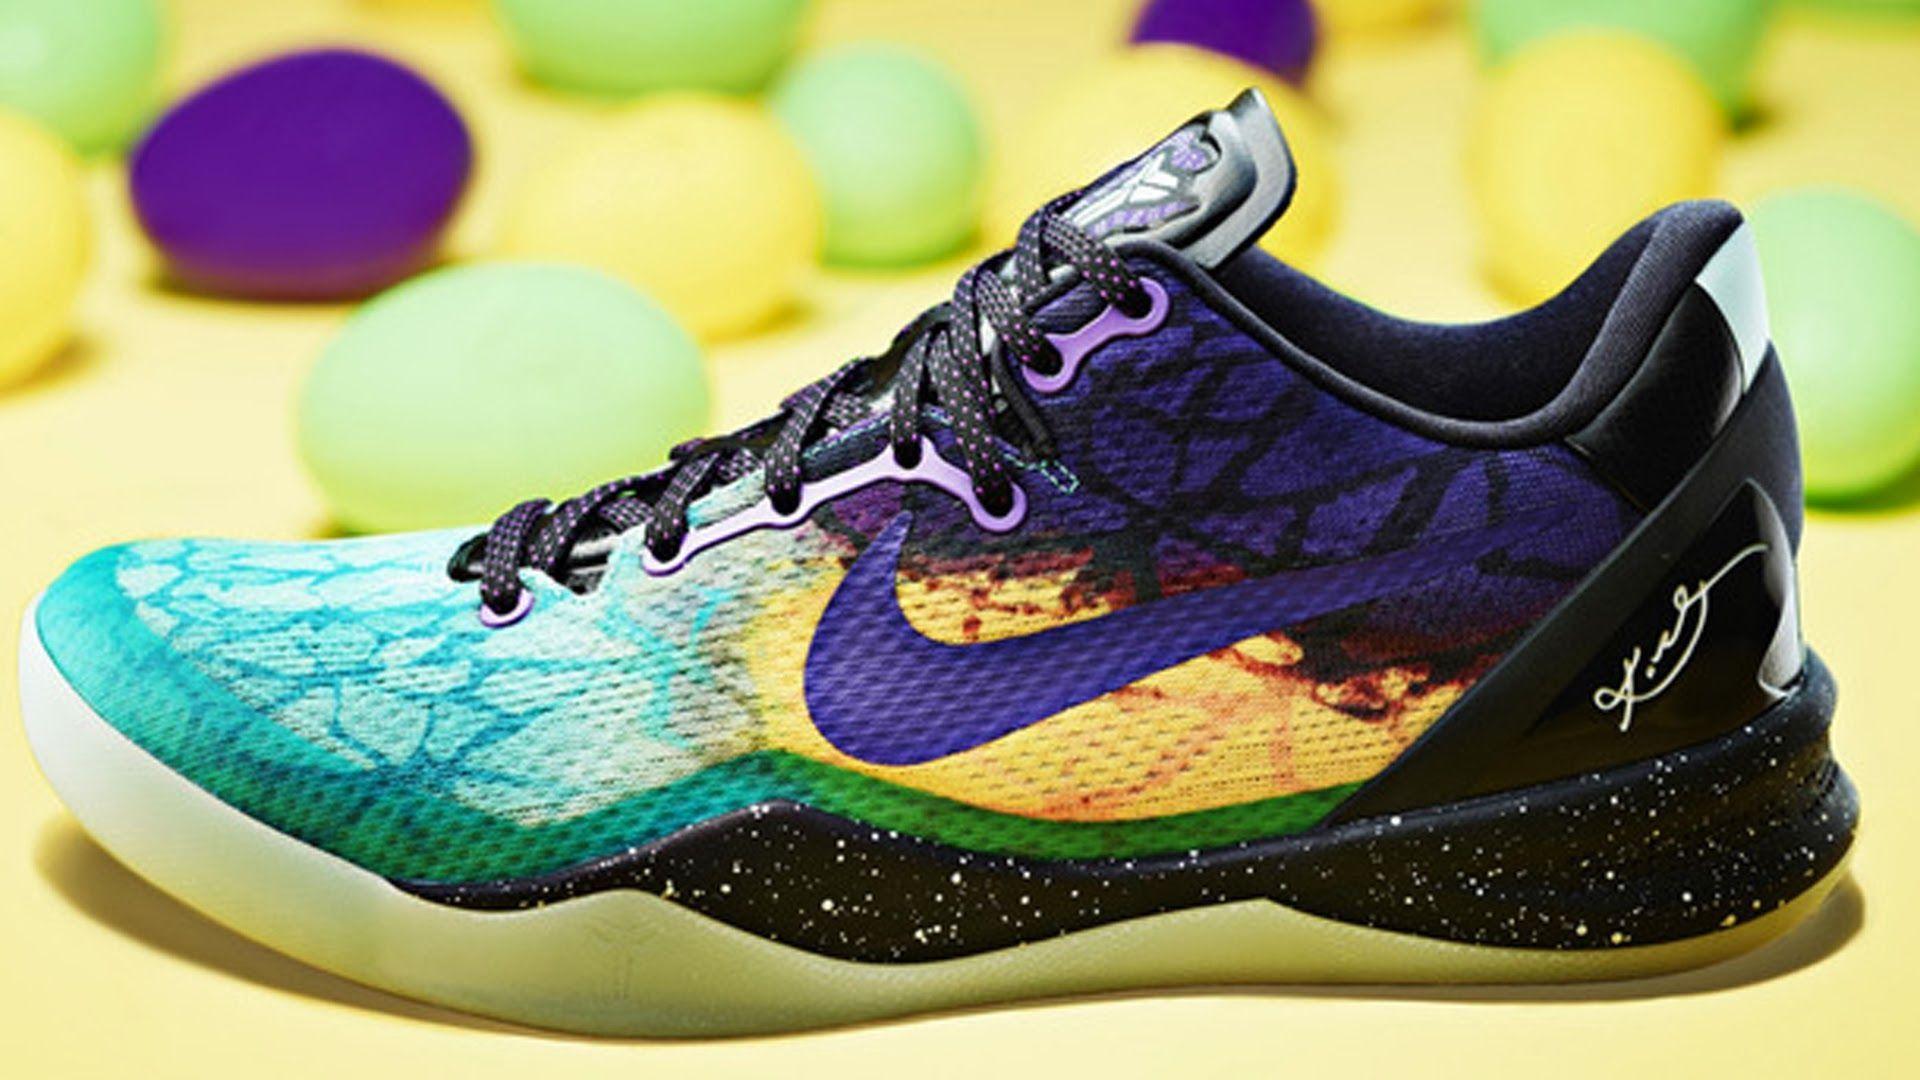 Nike shoes wallpaper wallpapersafari - Fantasy nike wallpaper ...